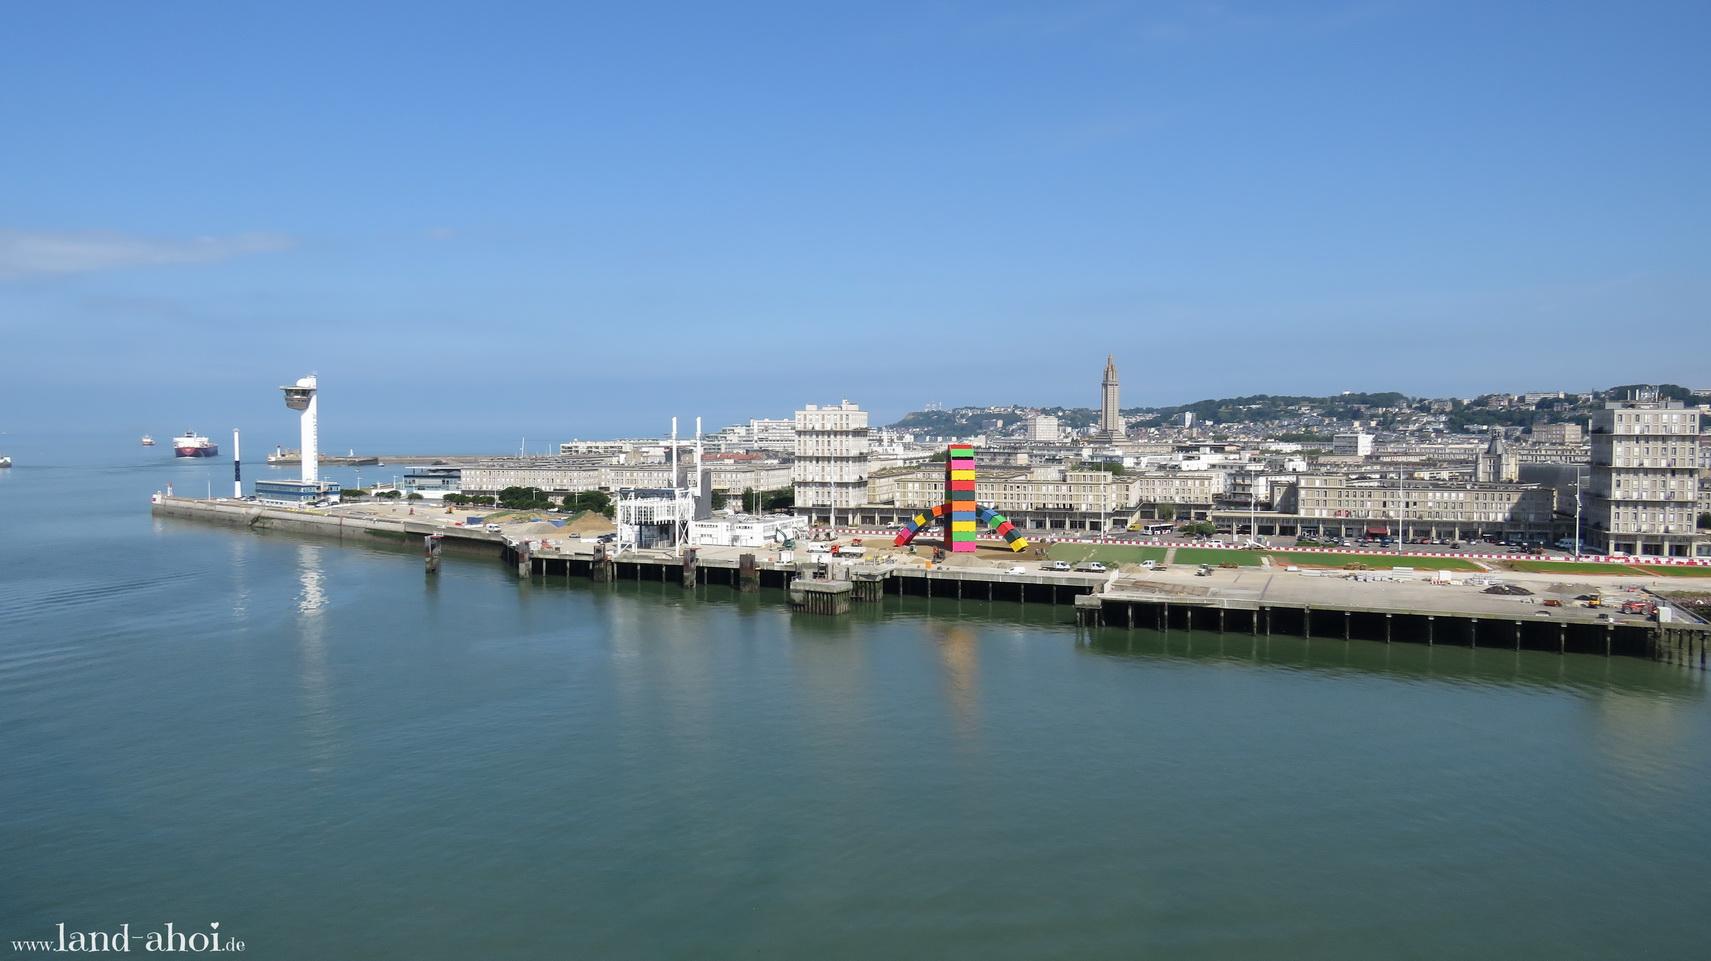 Le Havre (Frankreich) - Kreuzfahrt - Hafeninfos - Ausflüge ...